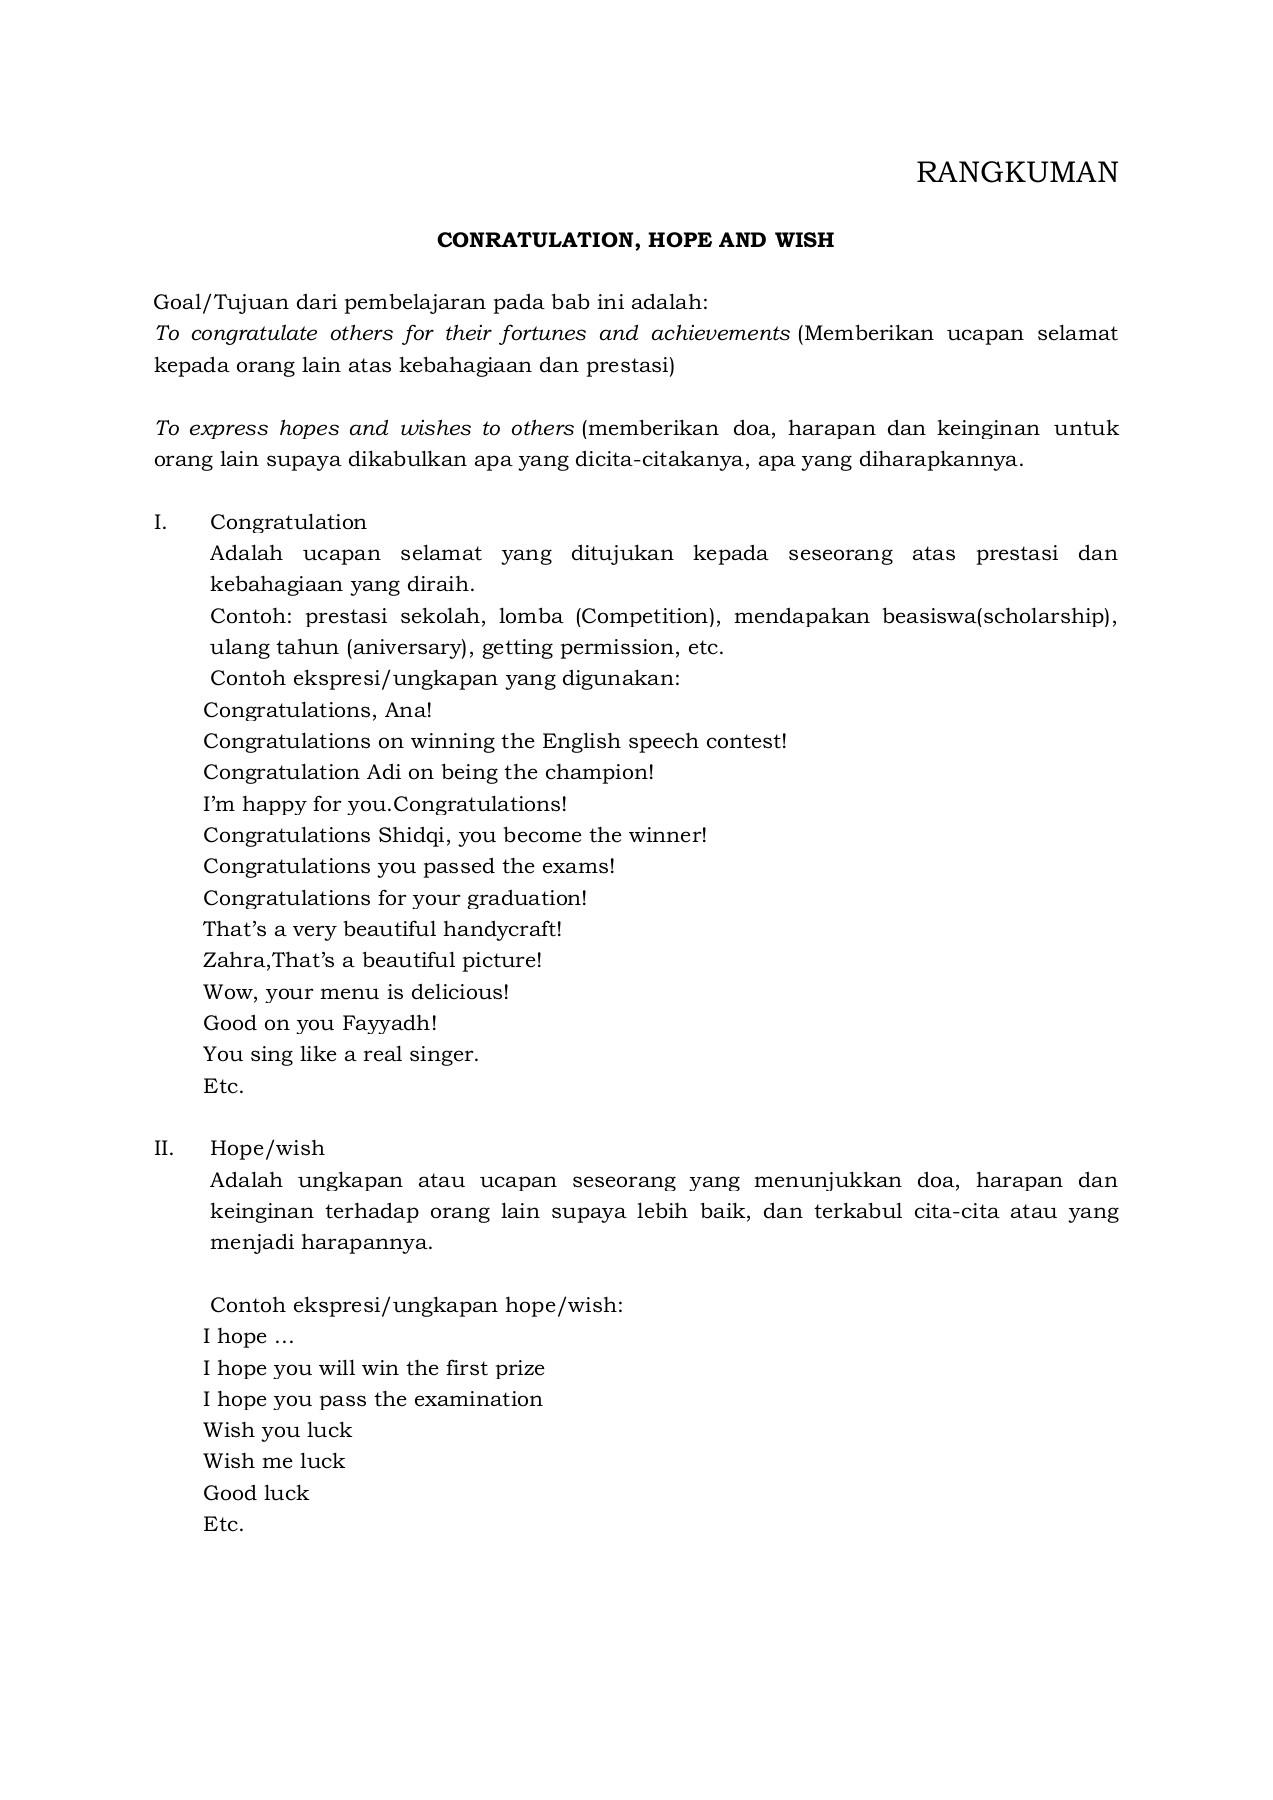 Materi Hope And Wish Kelas 9 : materi, kelas, MATERI, CONRATULATION, KELAS, Pages, Download, FlipHTML5